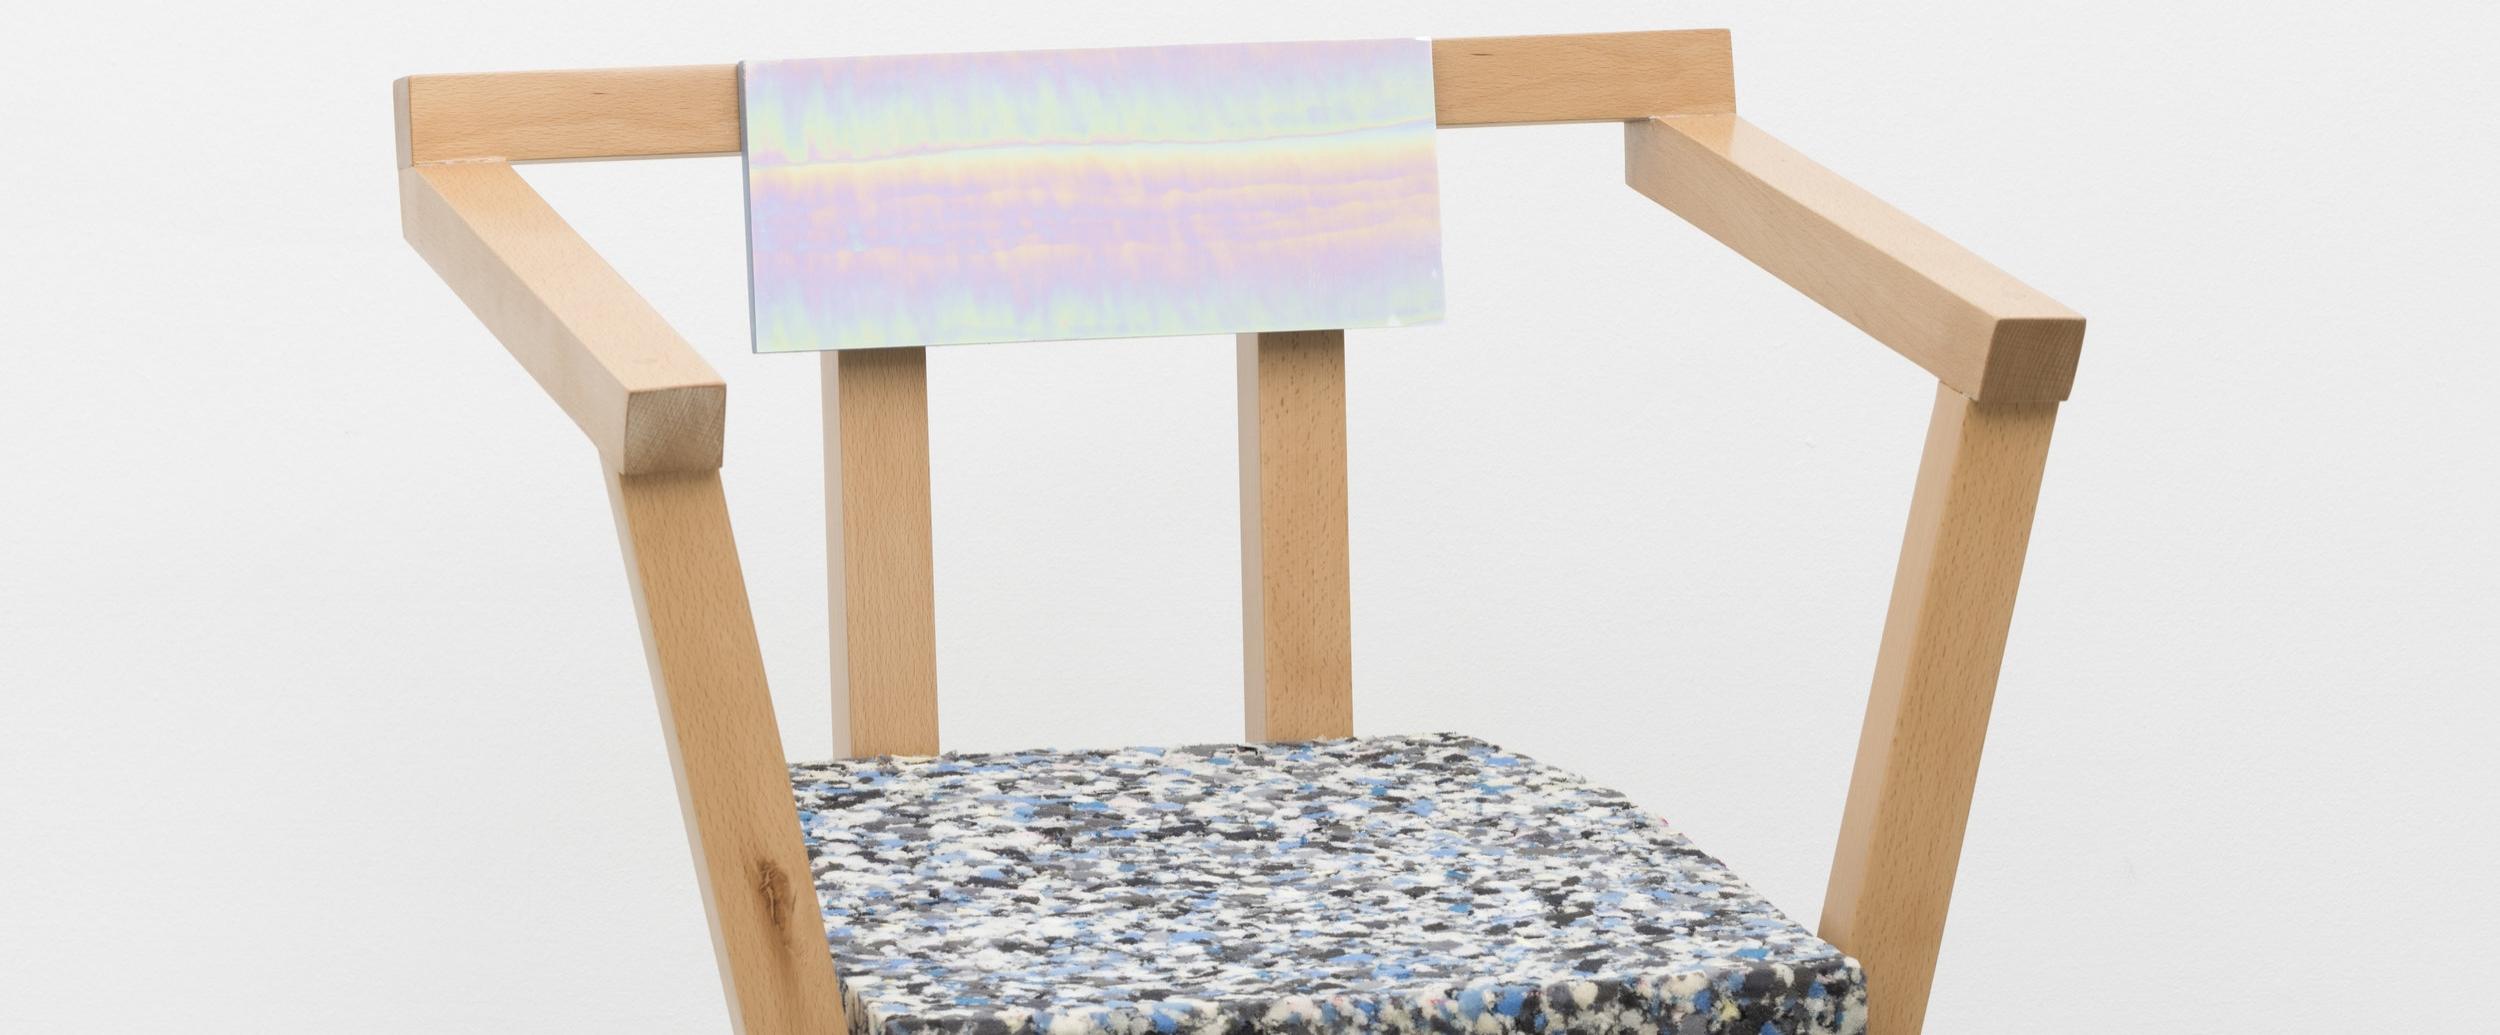 Back 2 Back_An exhibition by Fredrik Paulsen_Etage Projects_Photo by David Stjernholm-24.jpg